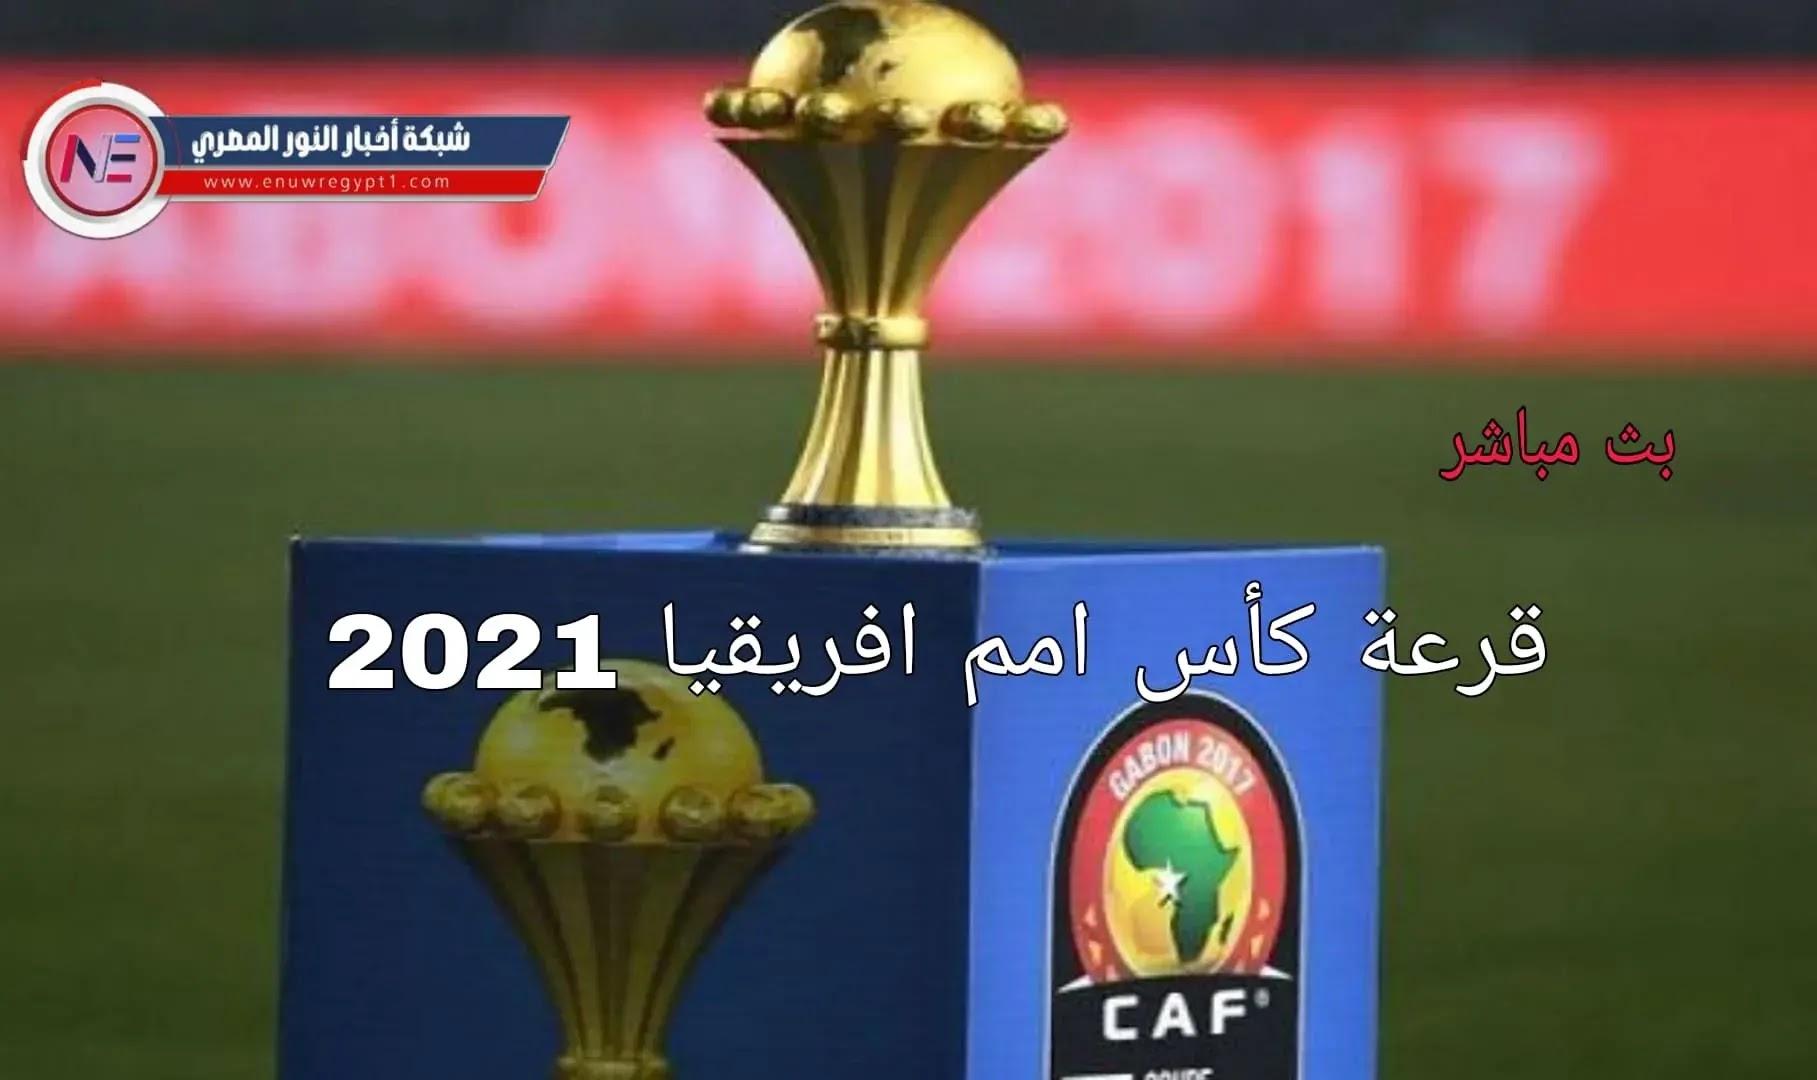 """يلا شوت بث مباشر الان .. مشاهدة قرعة كأس أمم إفريقيا 2021 اليوم متابعه """"لحظة بلحظة """""""